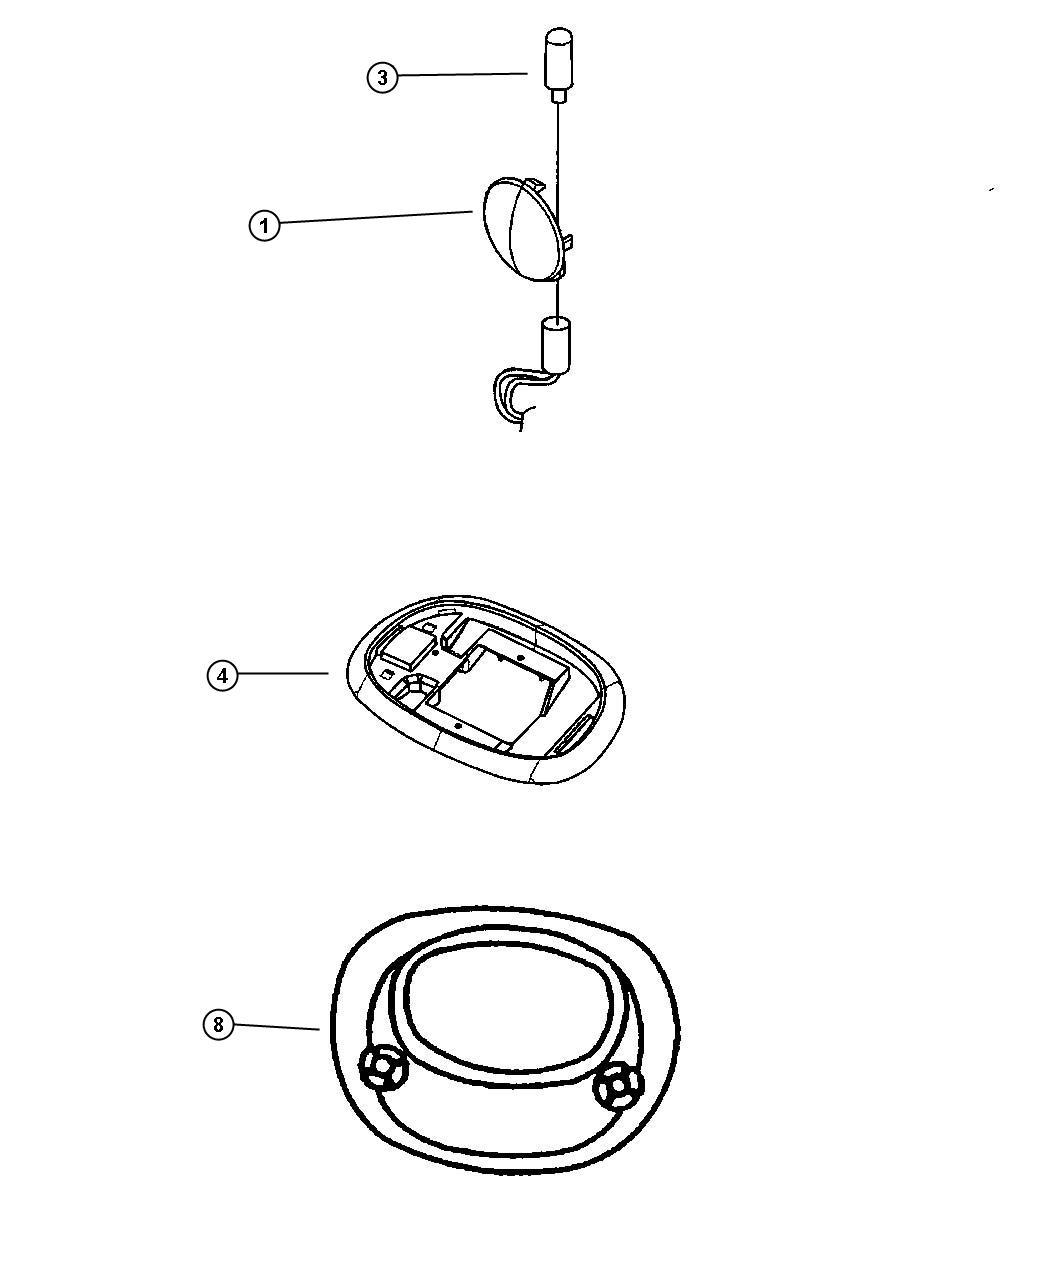 Chrysler Pt Cruiser Bulb. Dome lamp. 6 watt, over head